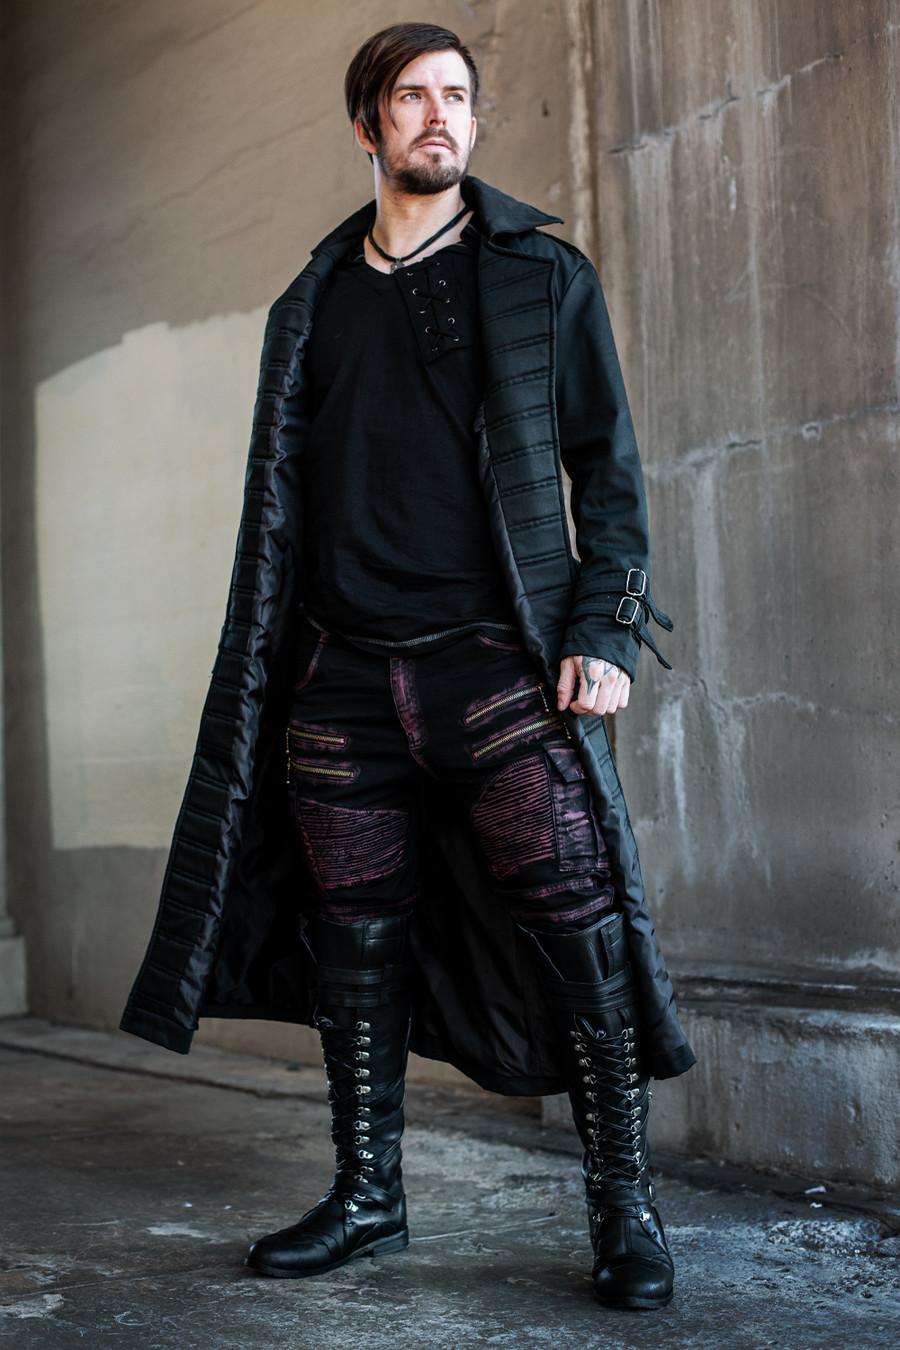 Gambit Longcoat